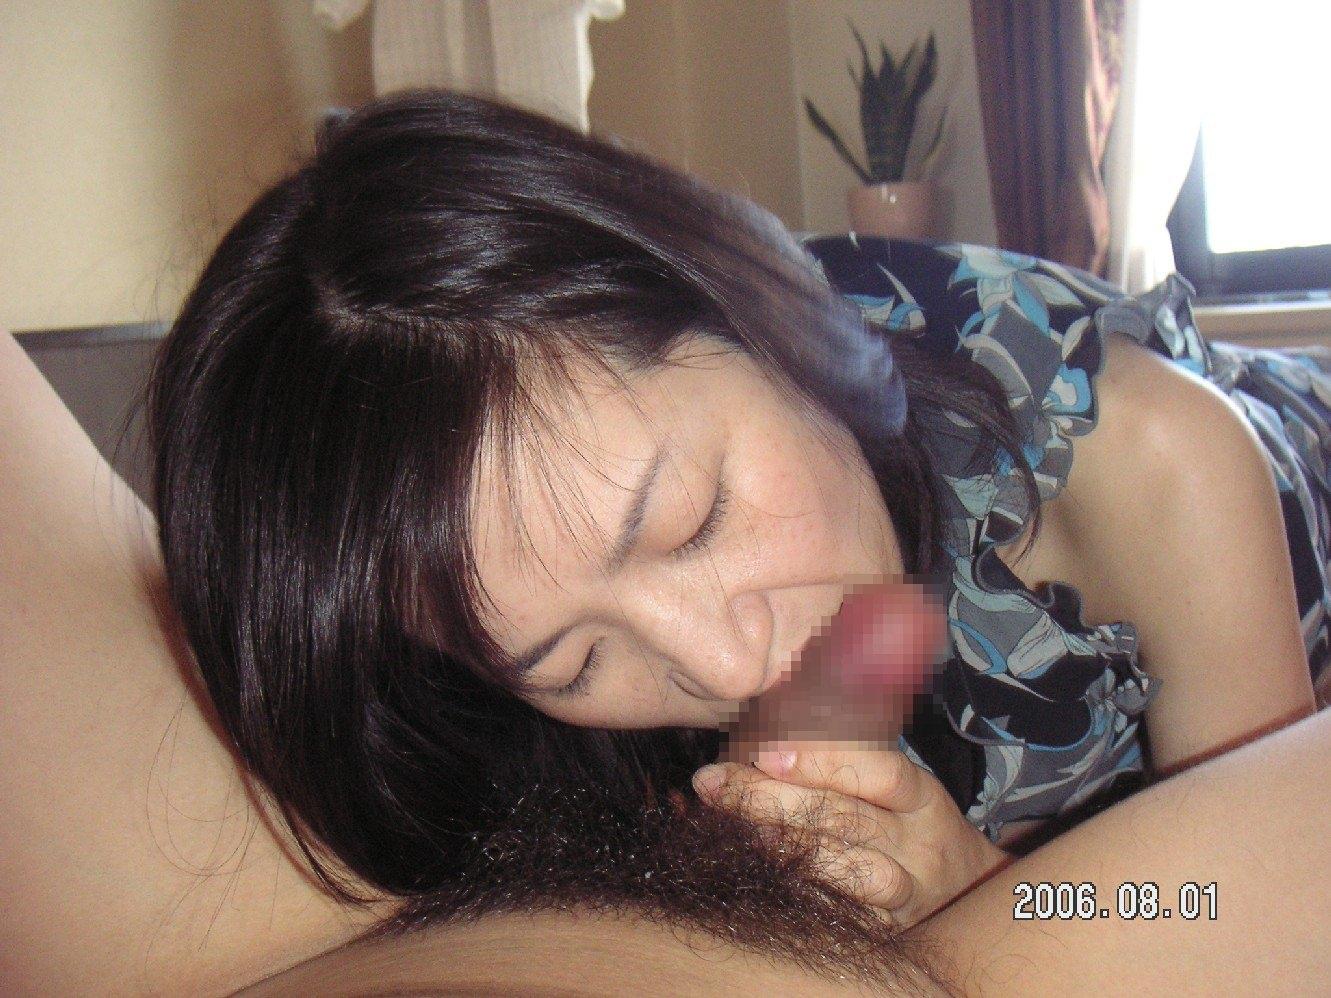 愛おしそうに彼氏のチンポをフェラする素人娘の投稿画像!!!!!!! 0562